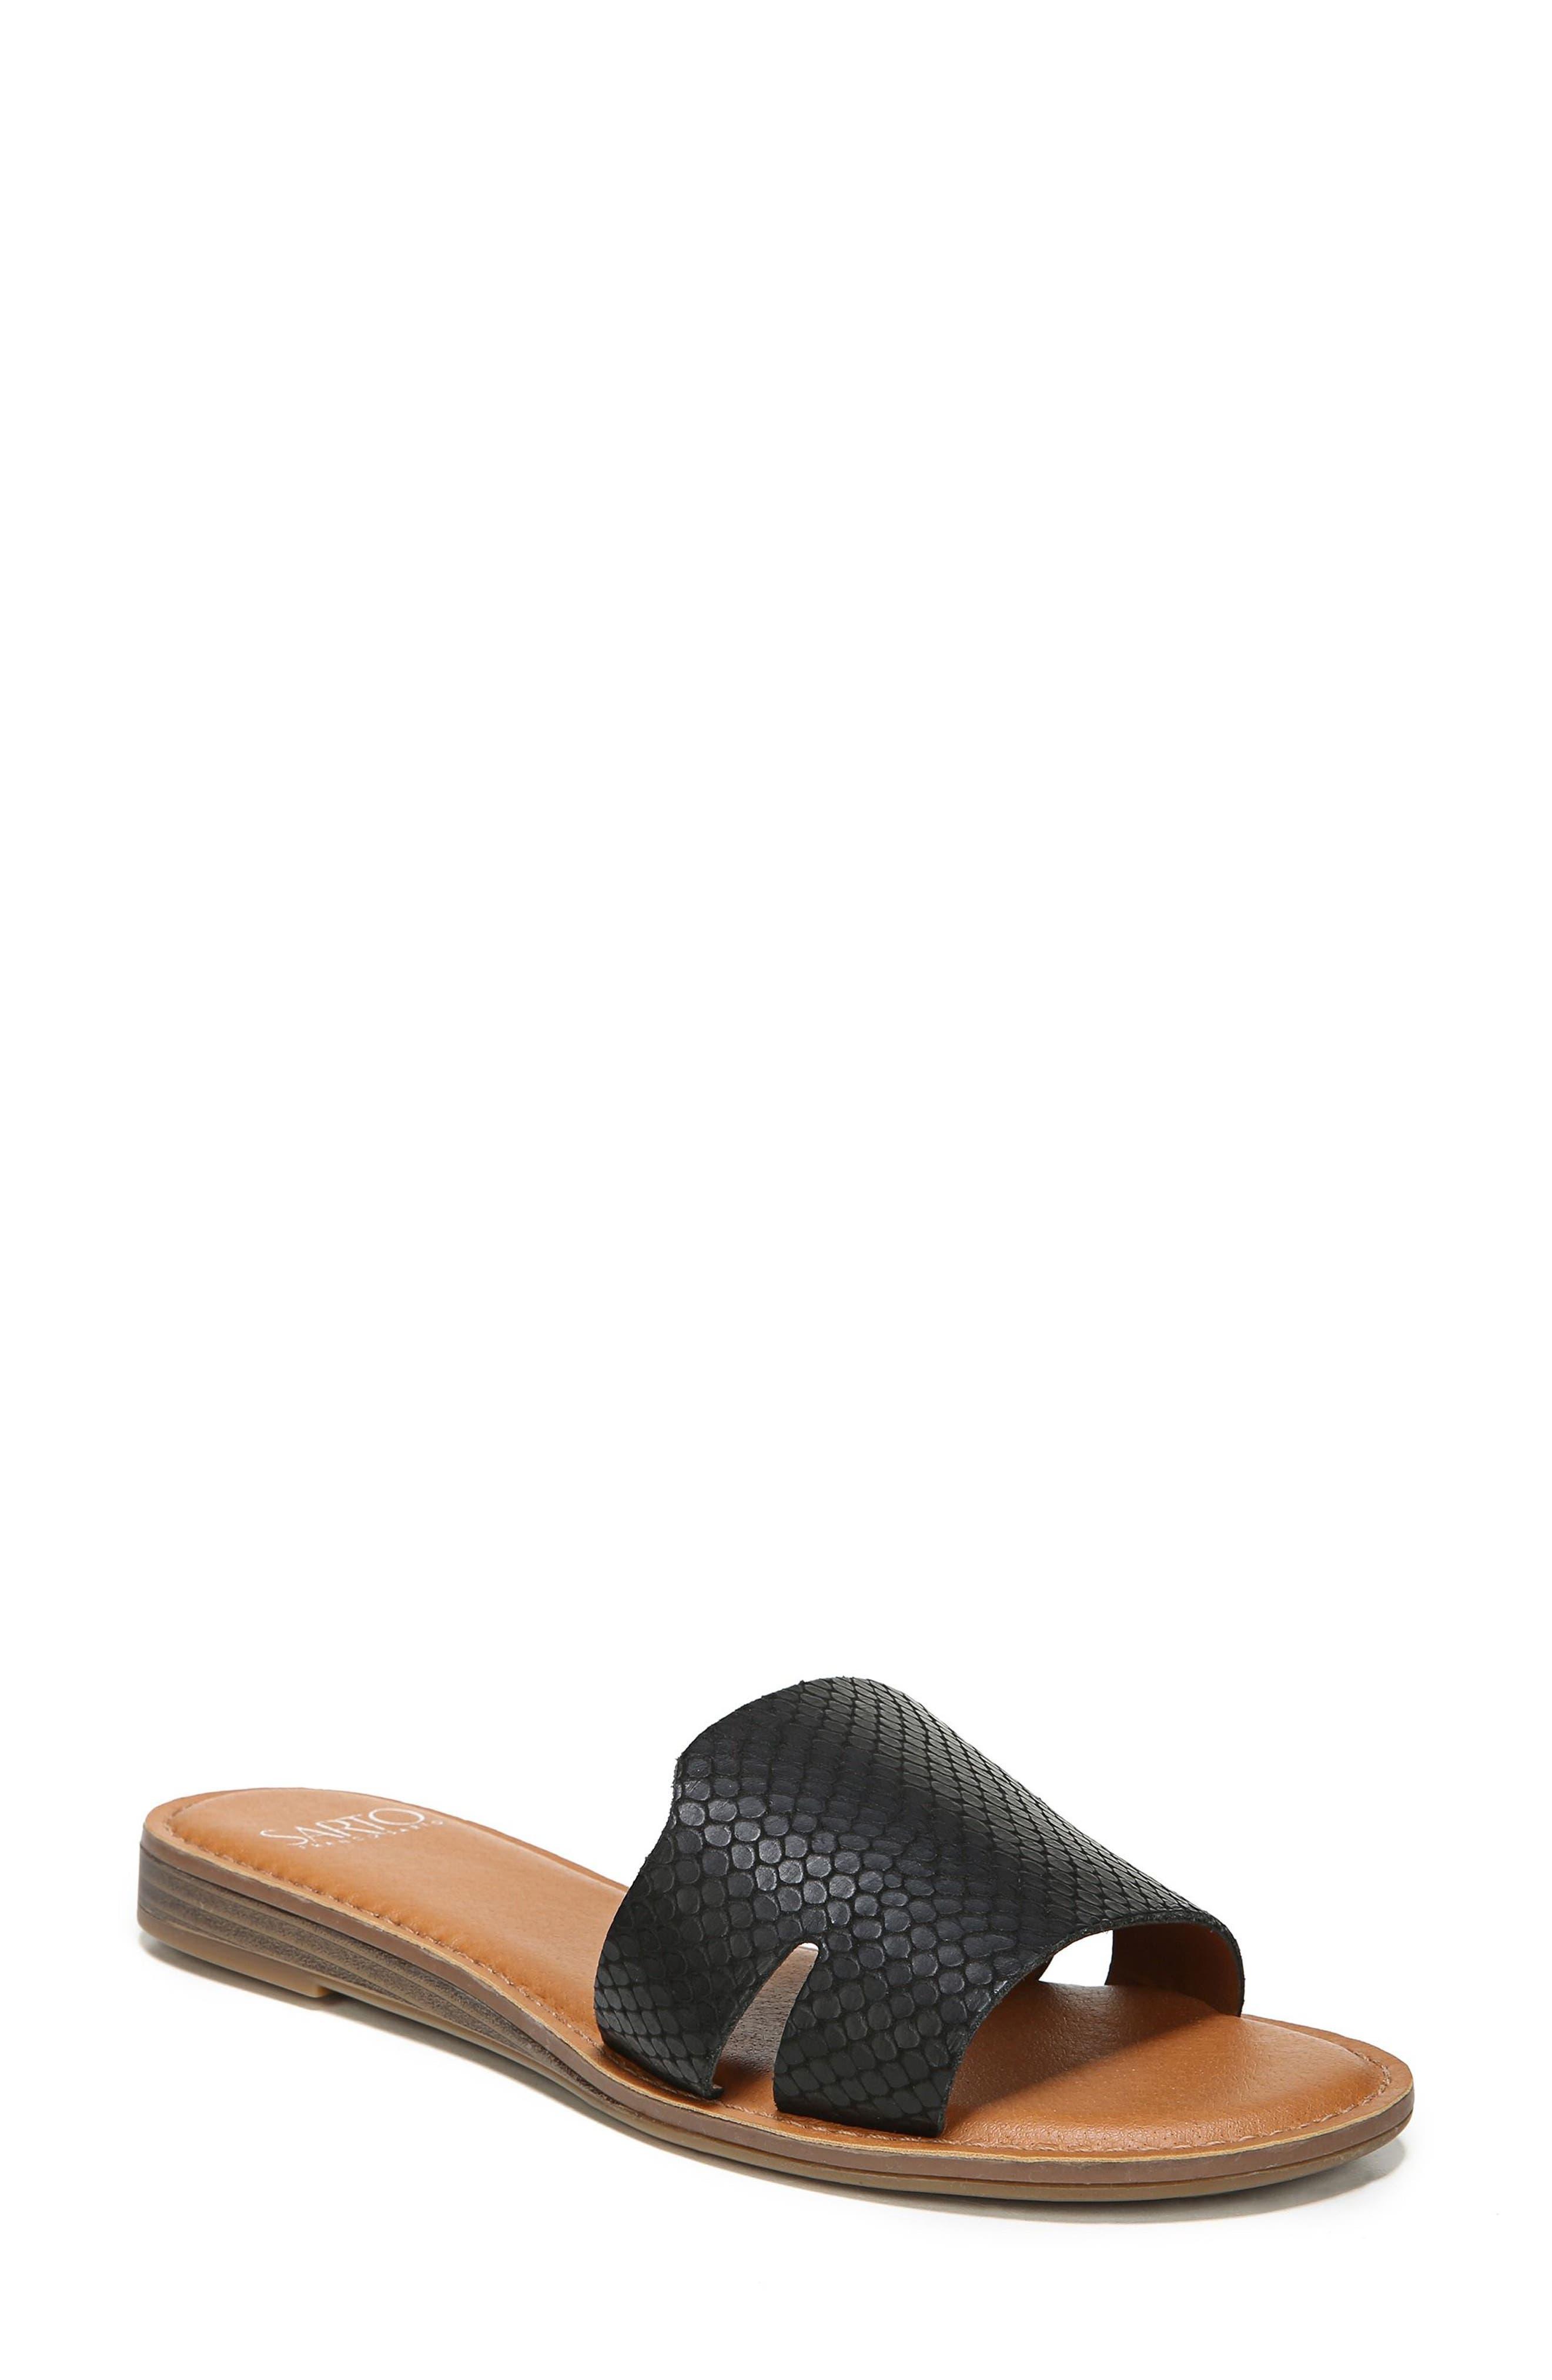 Ginelle Slide Sandal,                         Main,                         color, BLACK PRINTED LEATHER